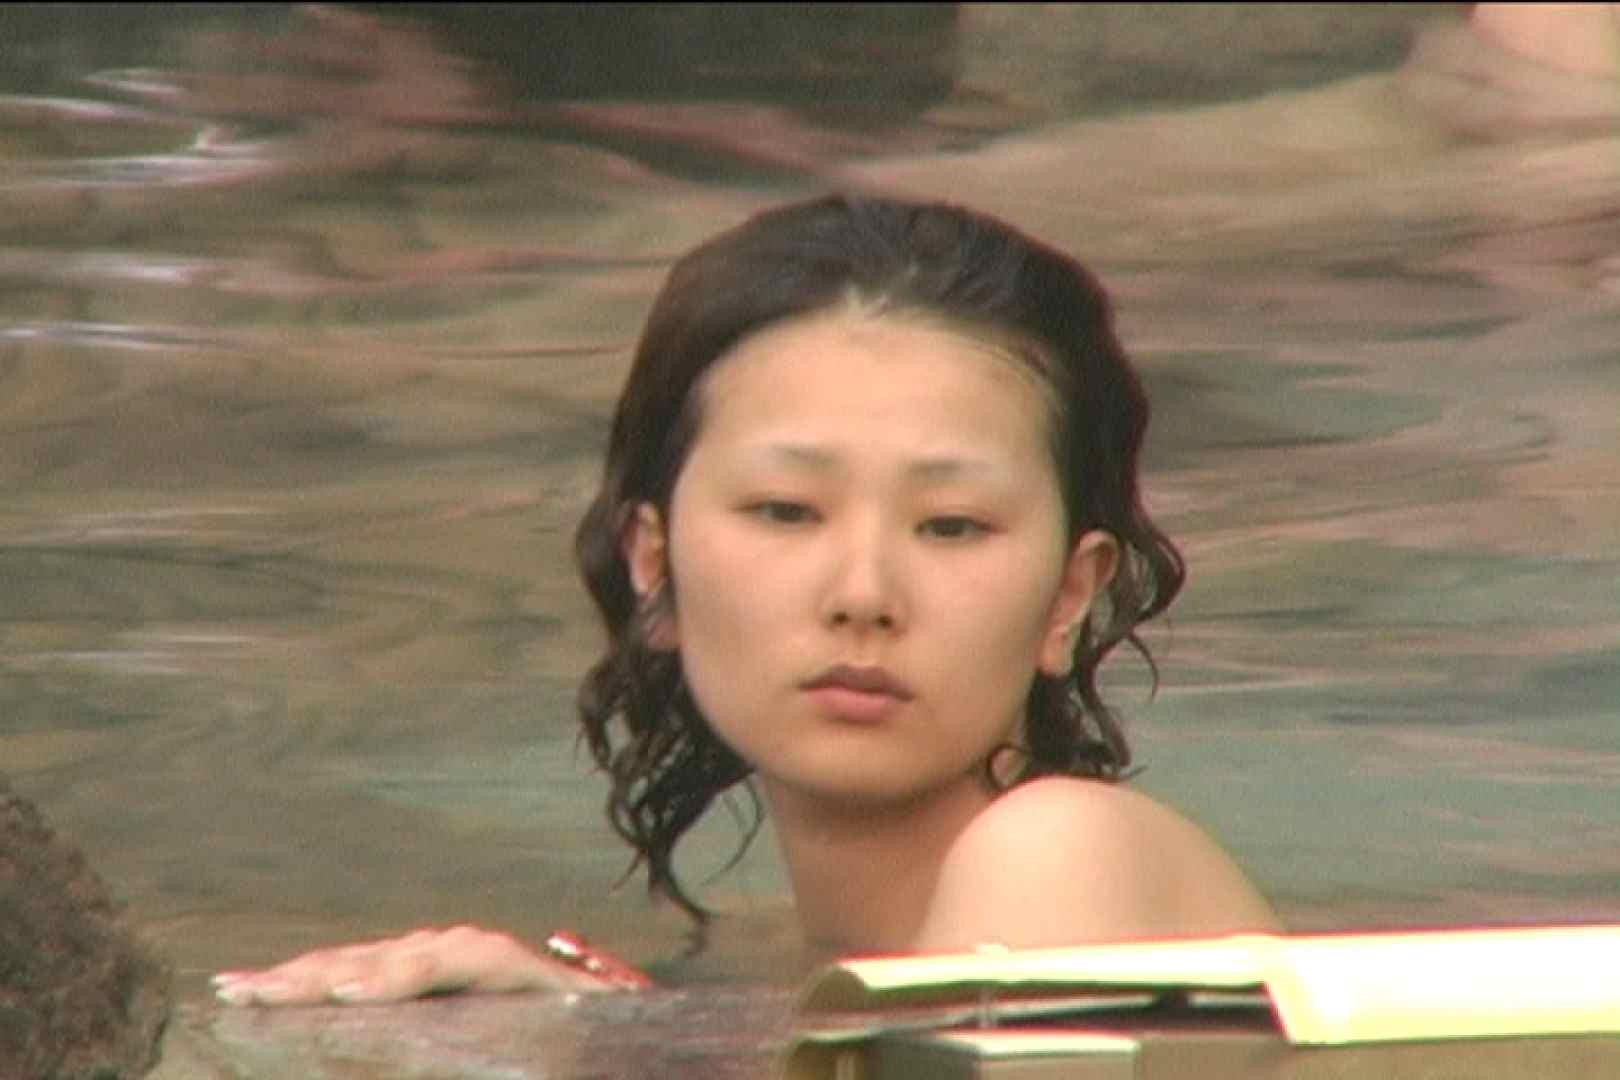 Aquaな露天風呂Vol.131 OLハメ撮り  108Pix 5